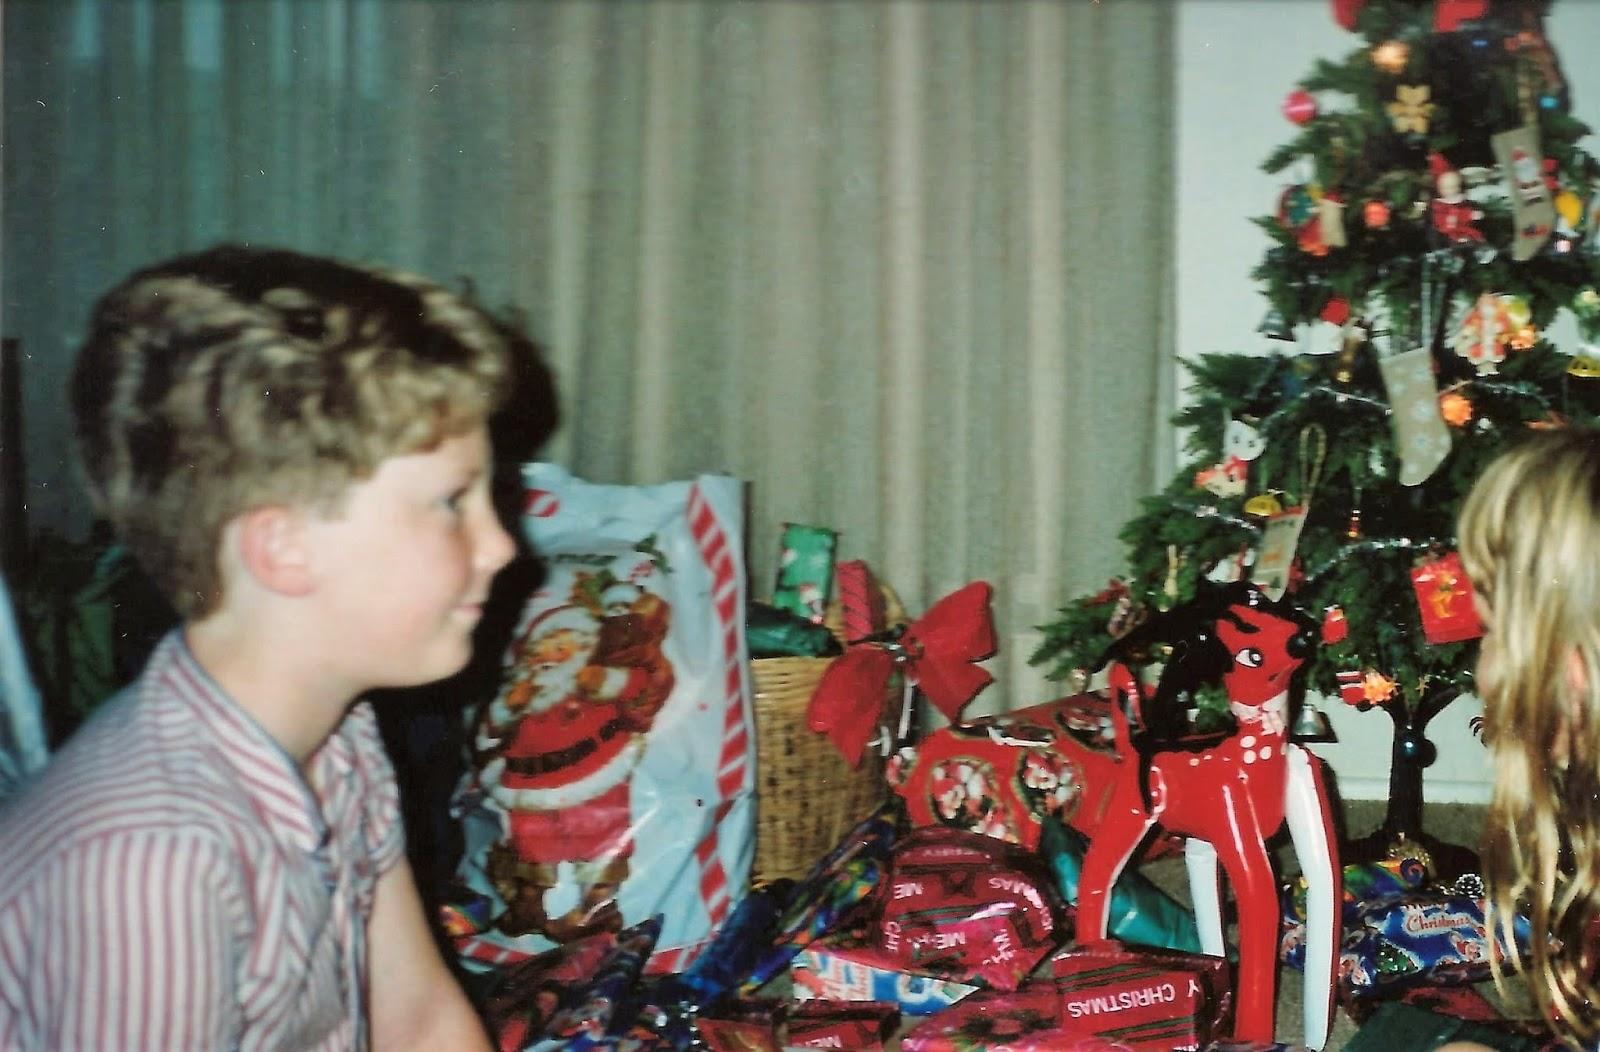 Wirreandah Wandering Memories Of Christmas 1994